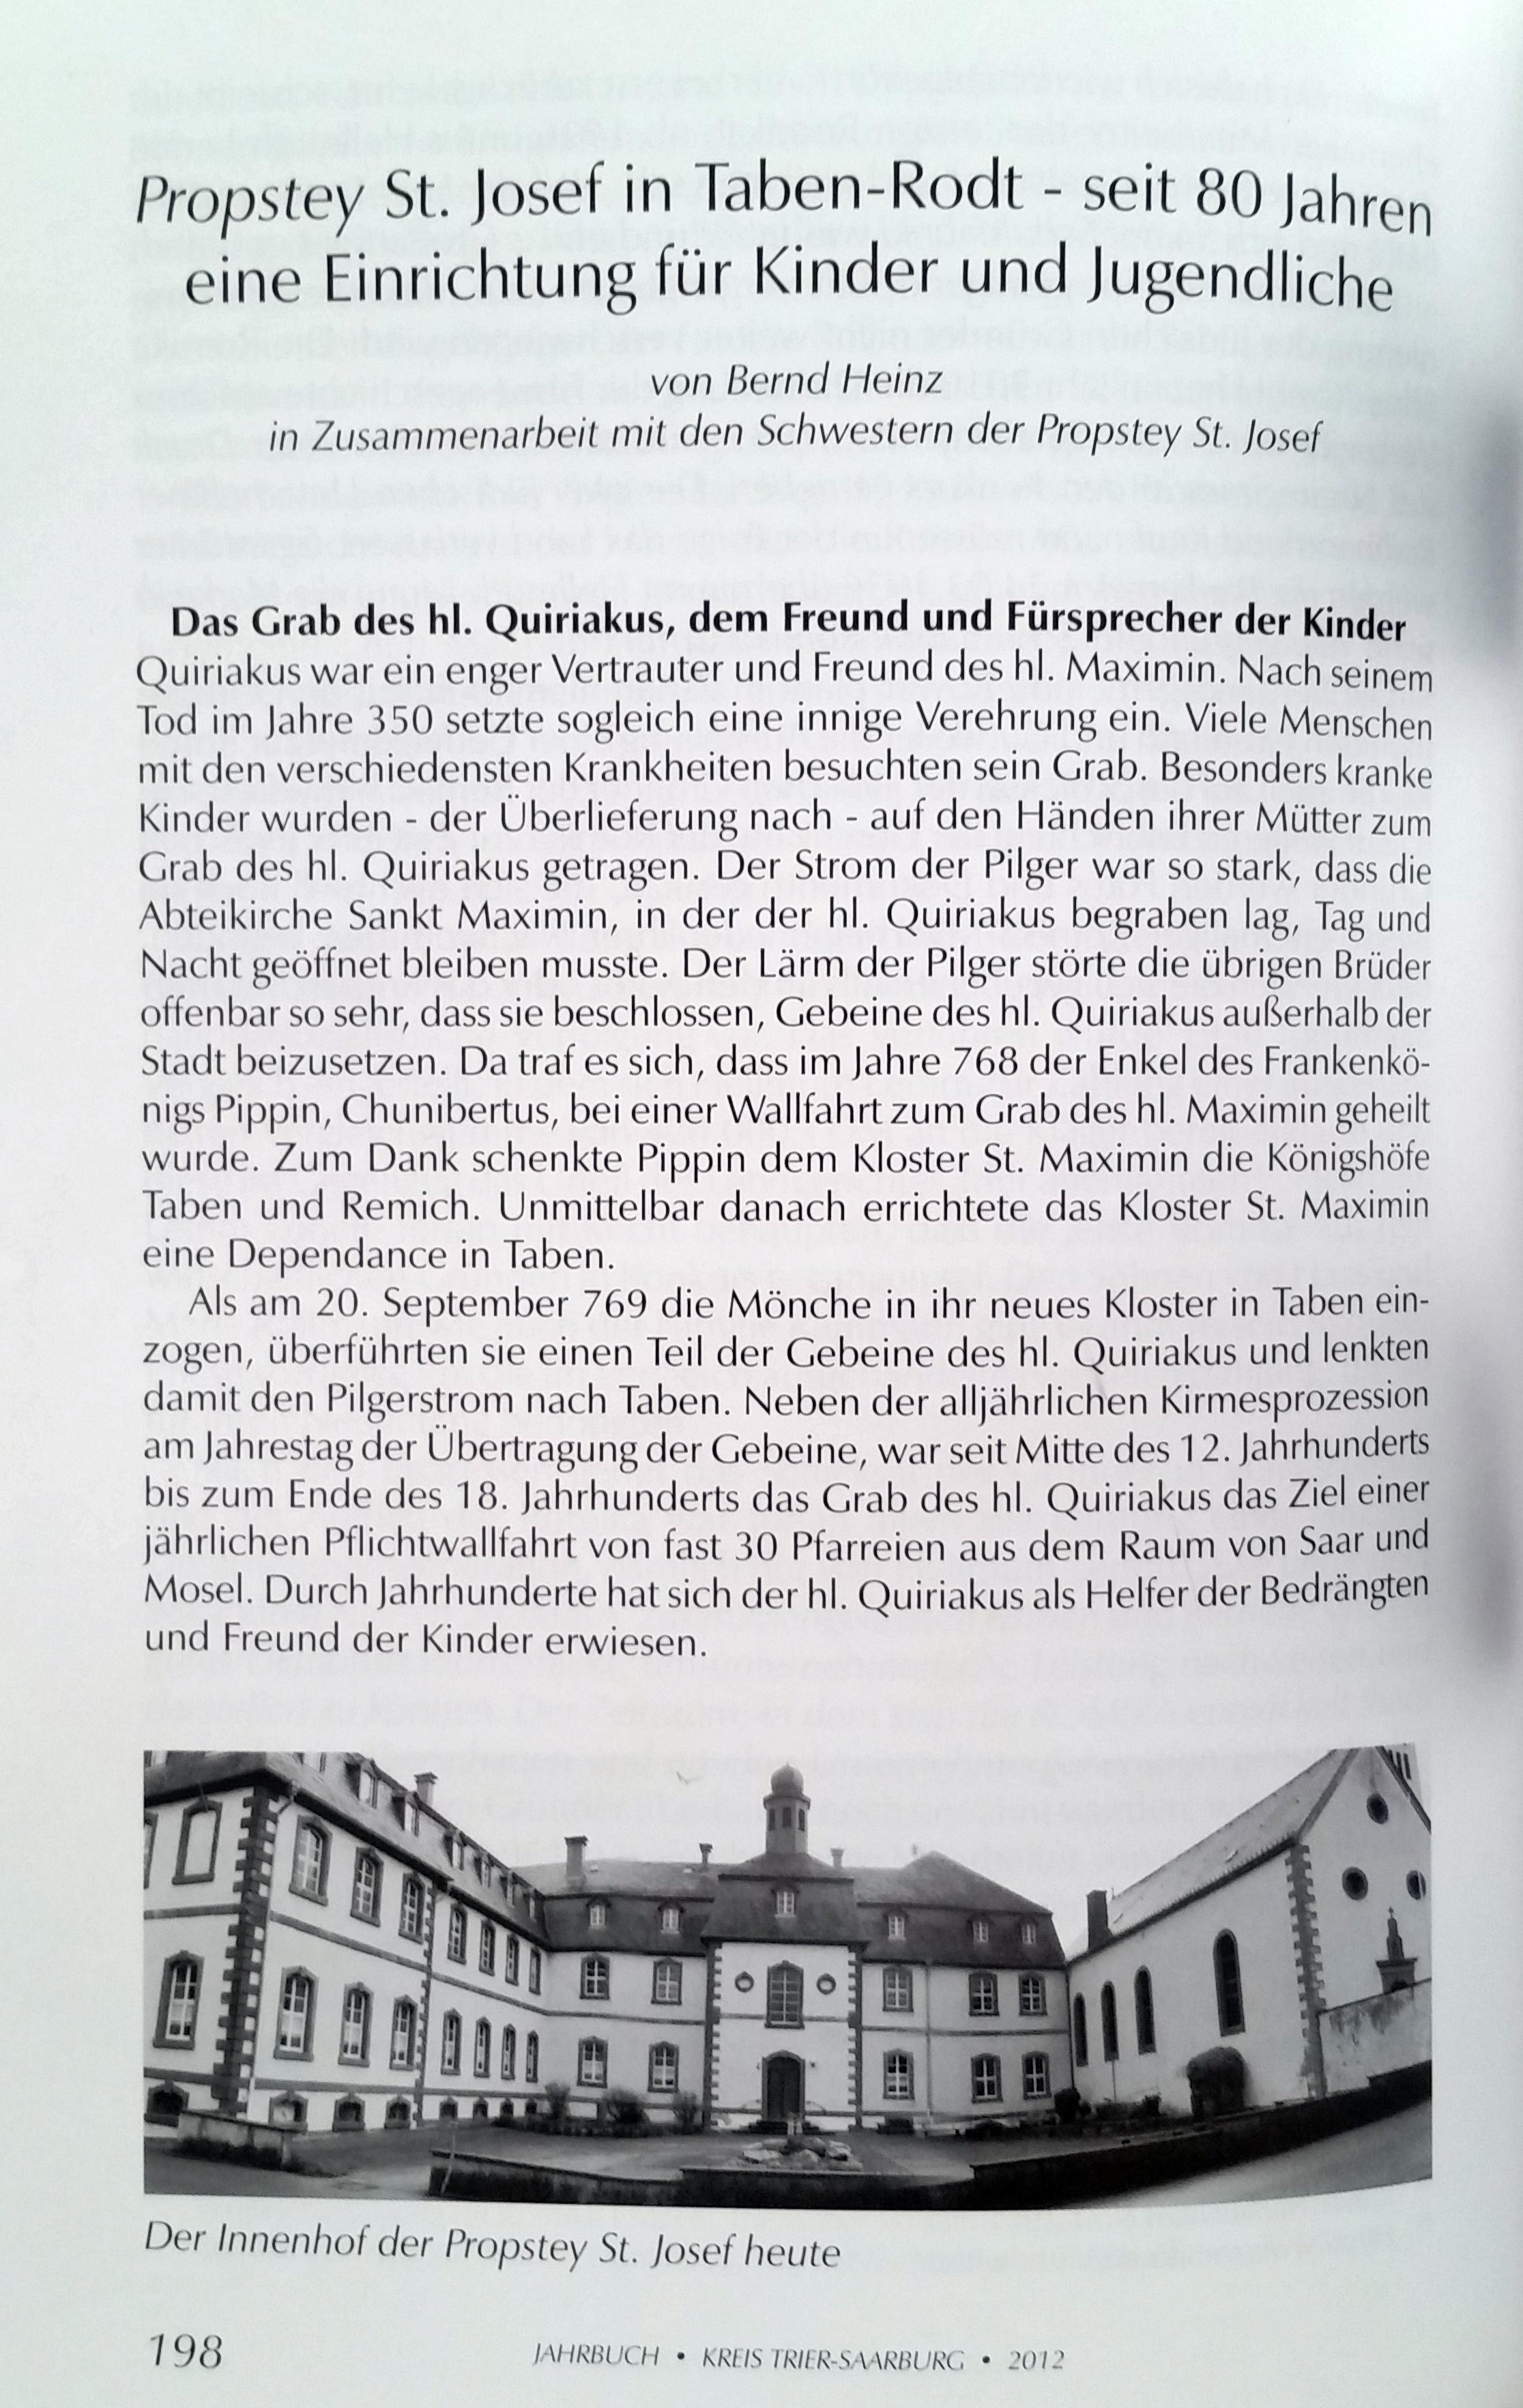 Jahrbuch 2012 Beitrag: Propstey St. Josef in Taben-Rodt